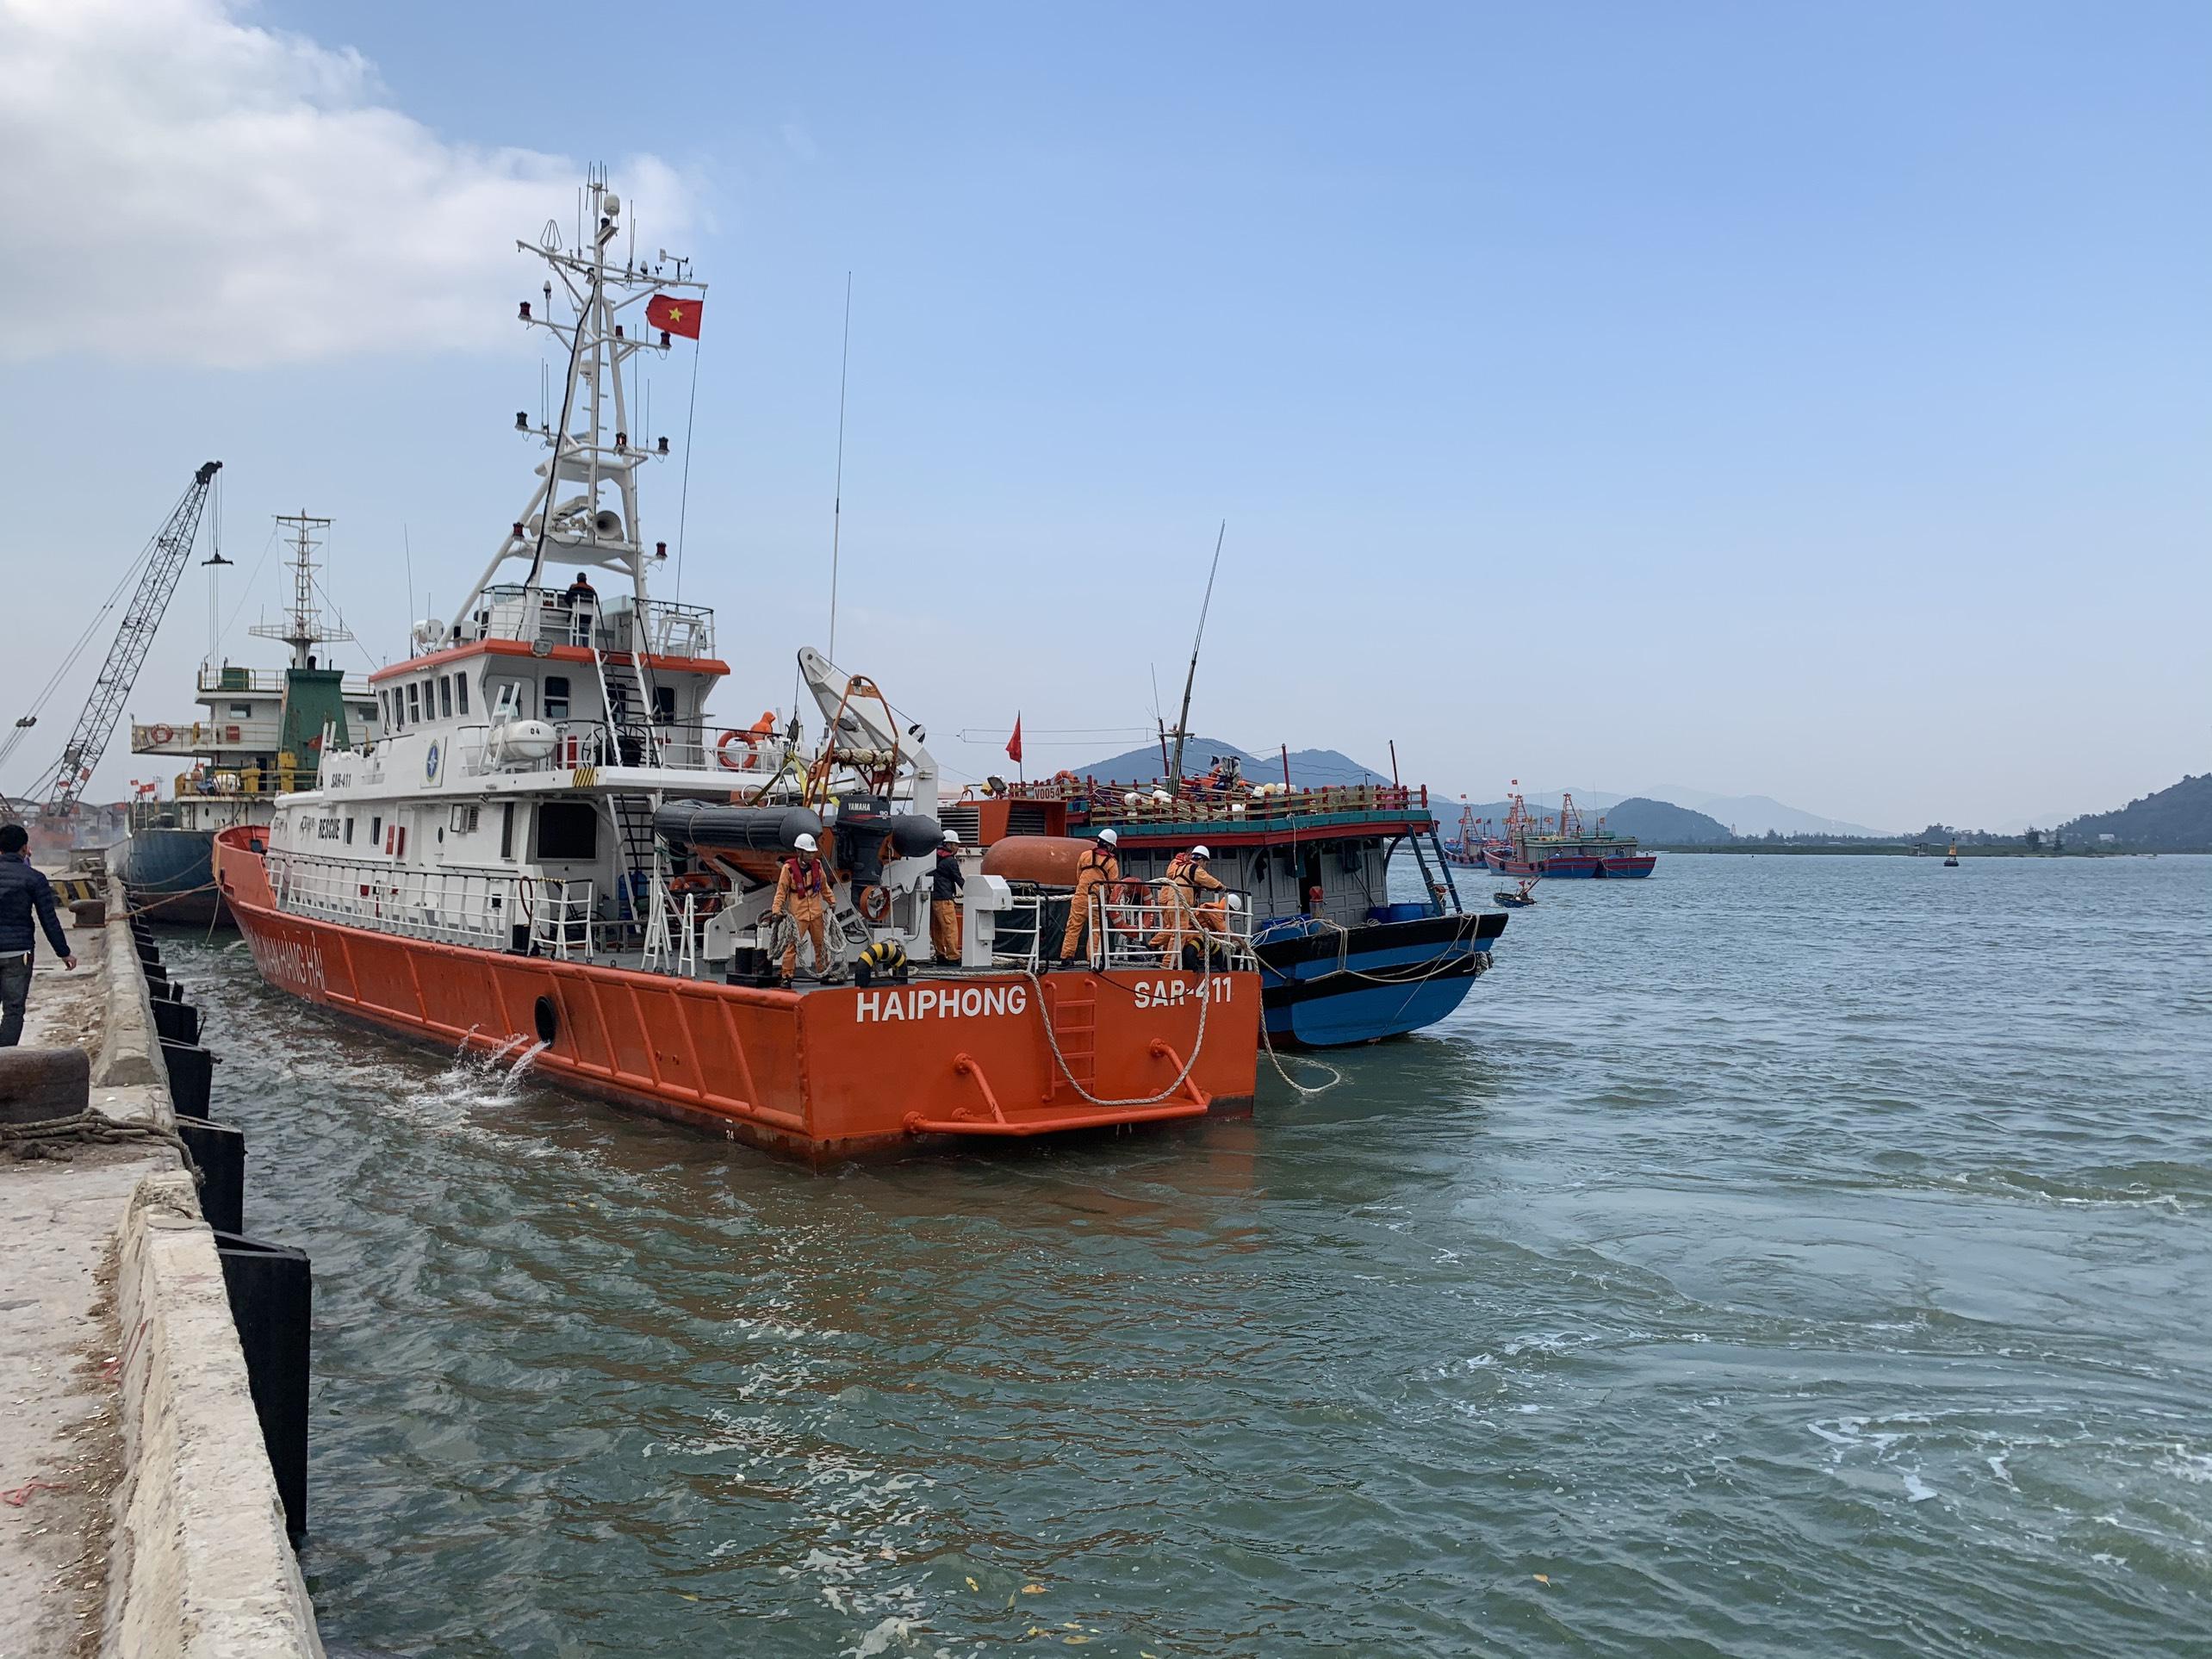 Cứu nạn thành công thuyền viên gặp nạn trên biển